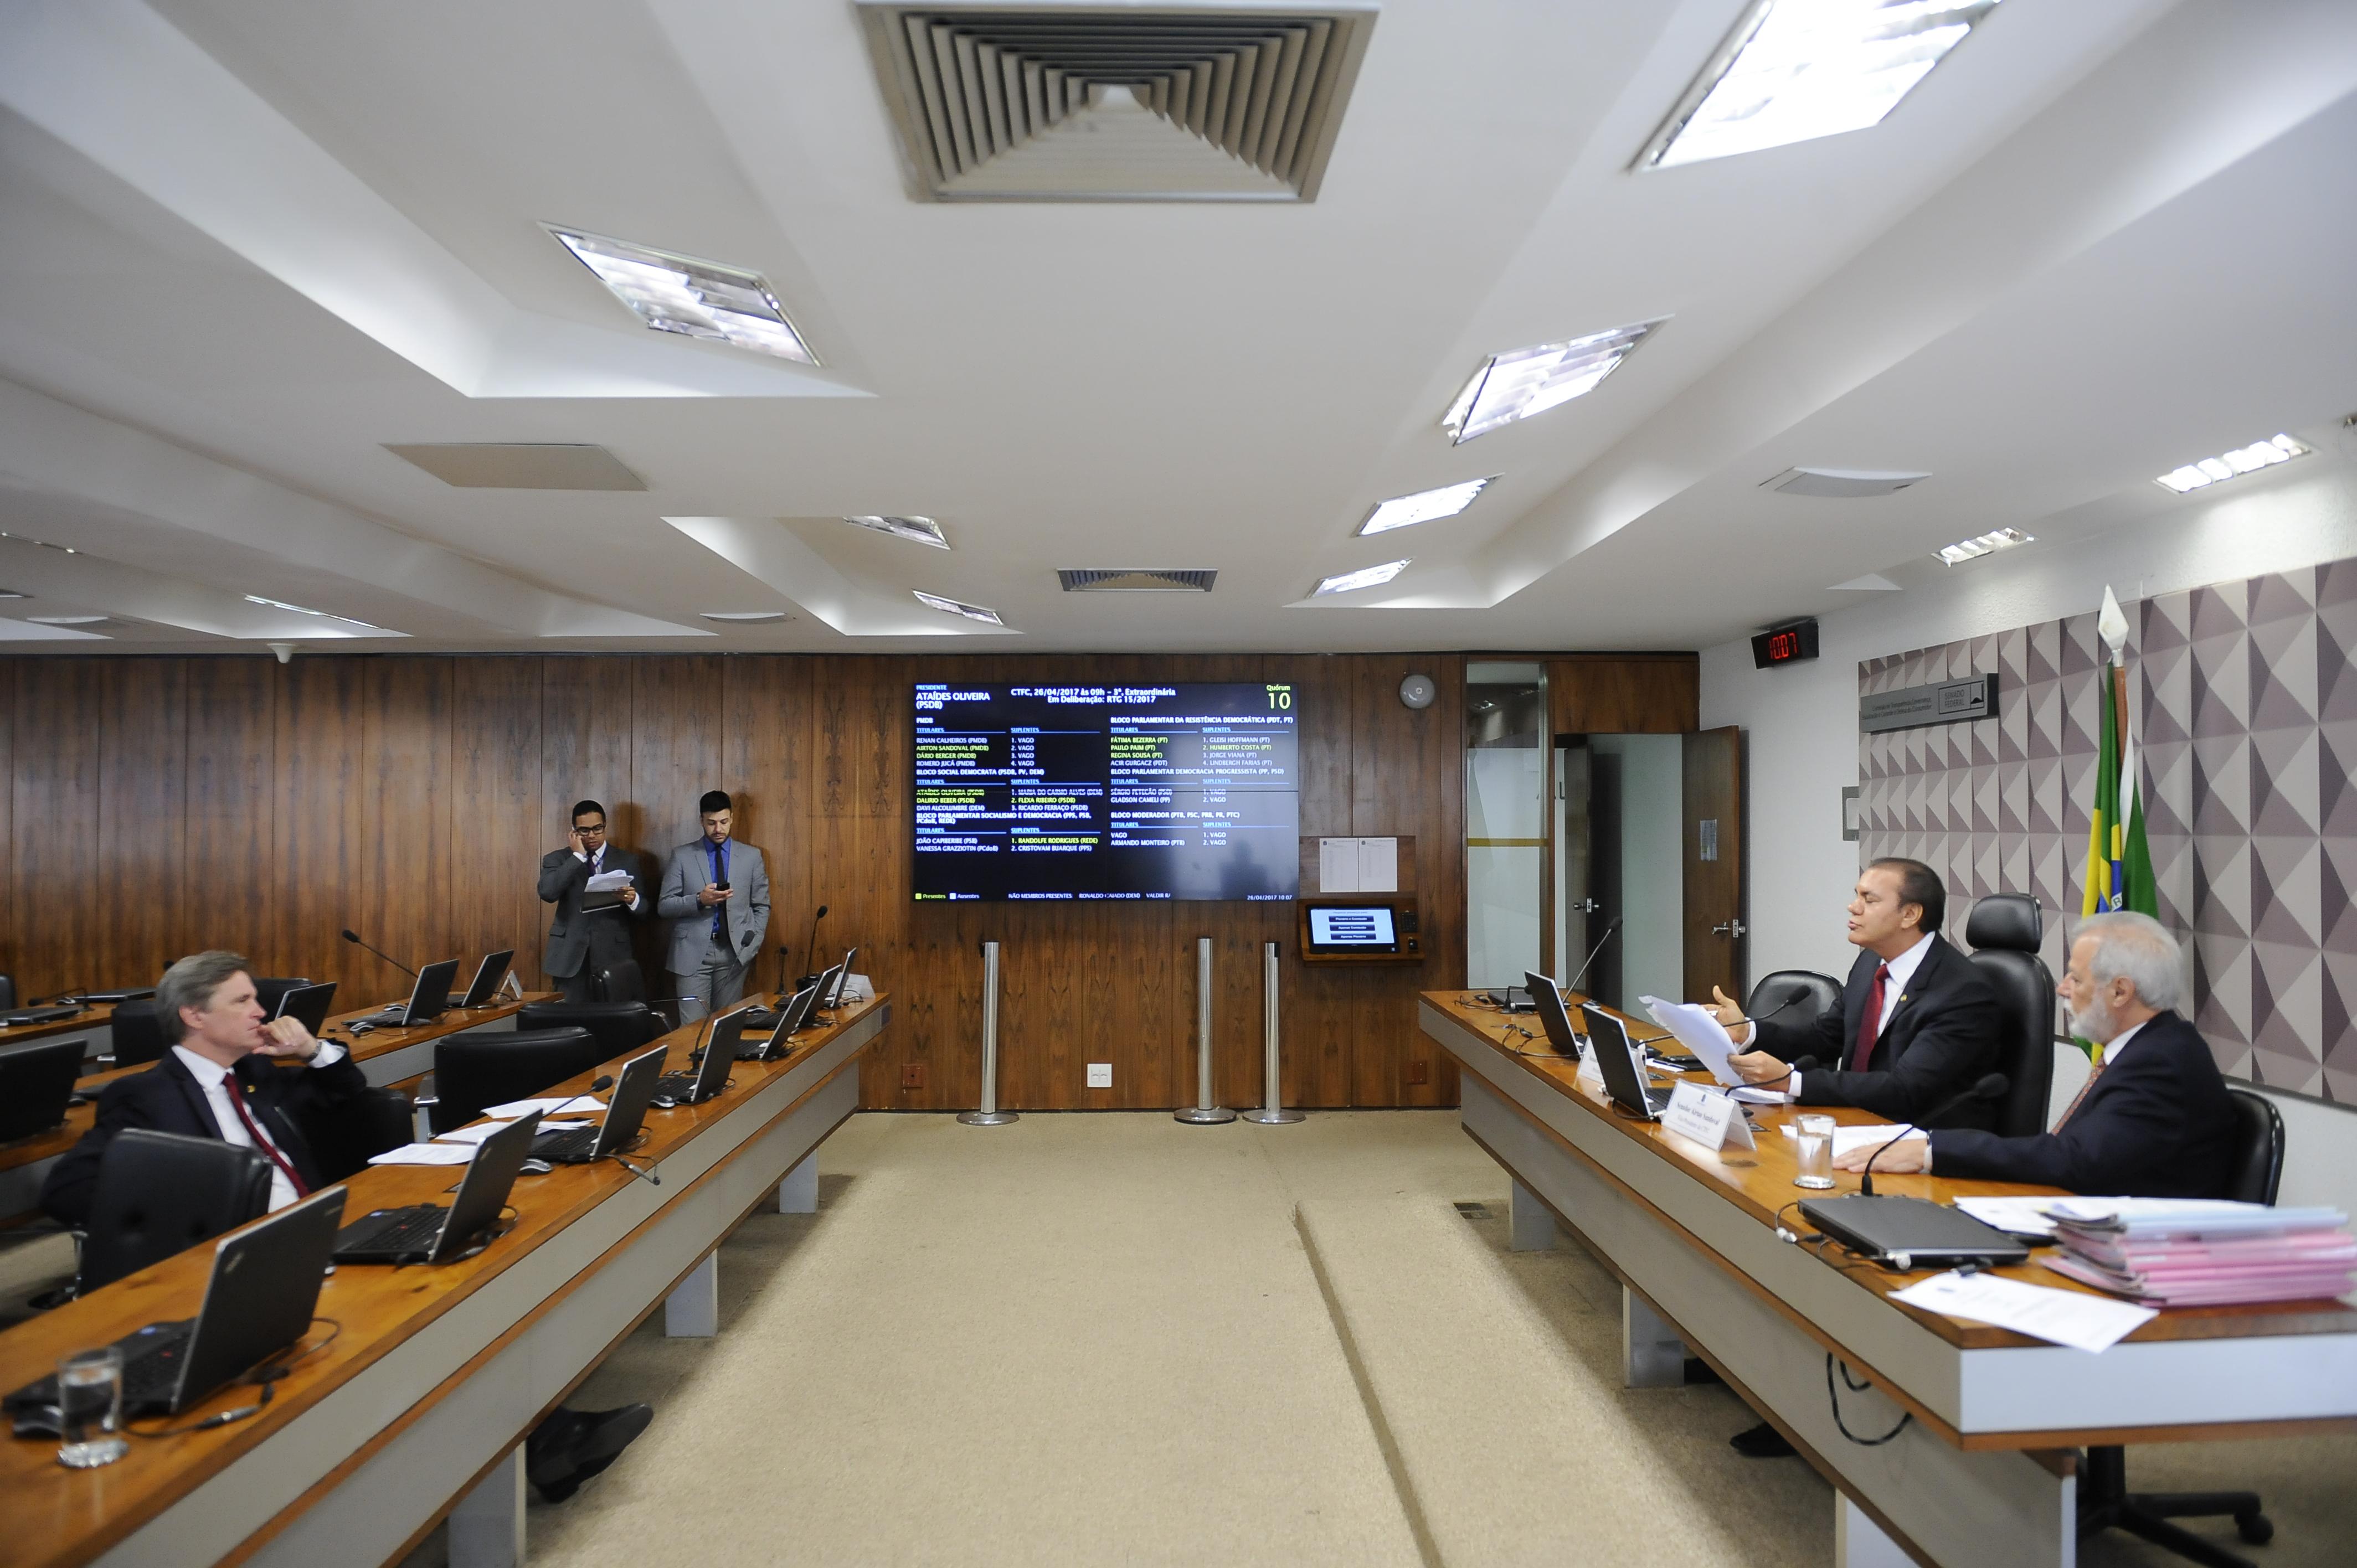 Comissão de Transparência, Governança, Fiscalização e Controle e Defesa do Consumidor (CTFC) -  Foto: Pedro França/Agência Senado